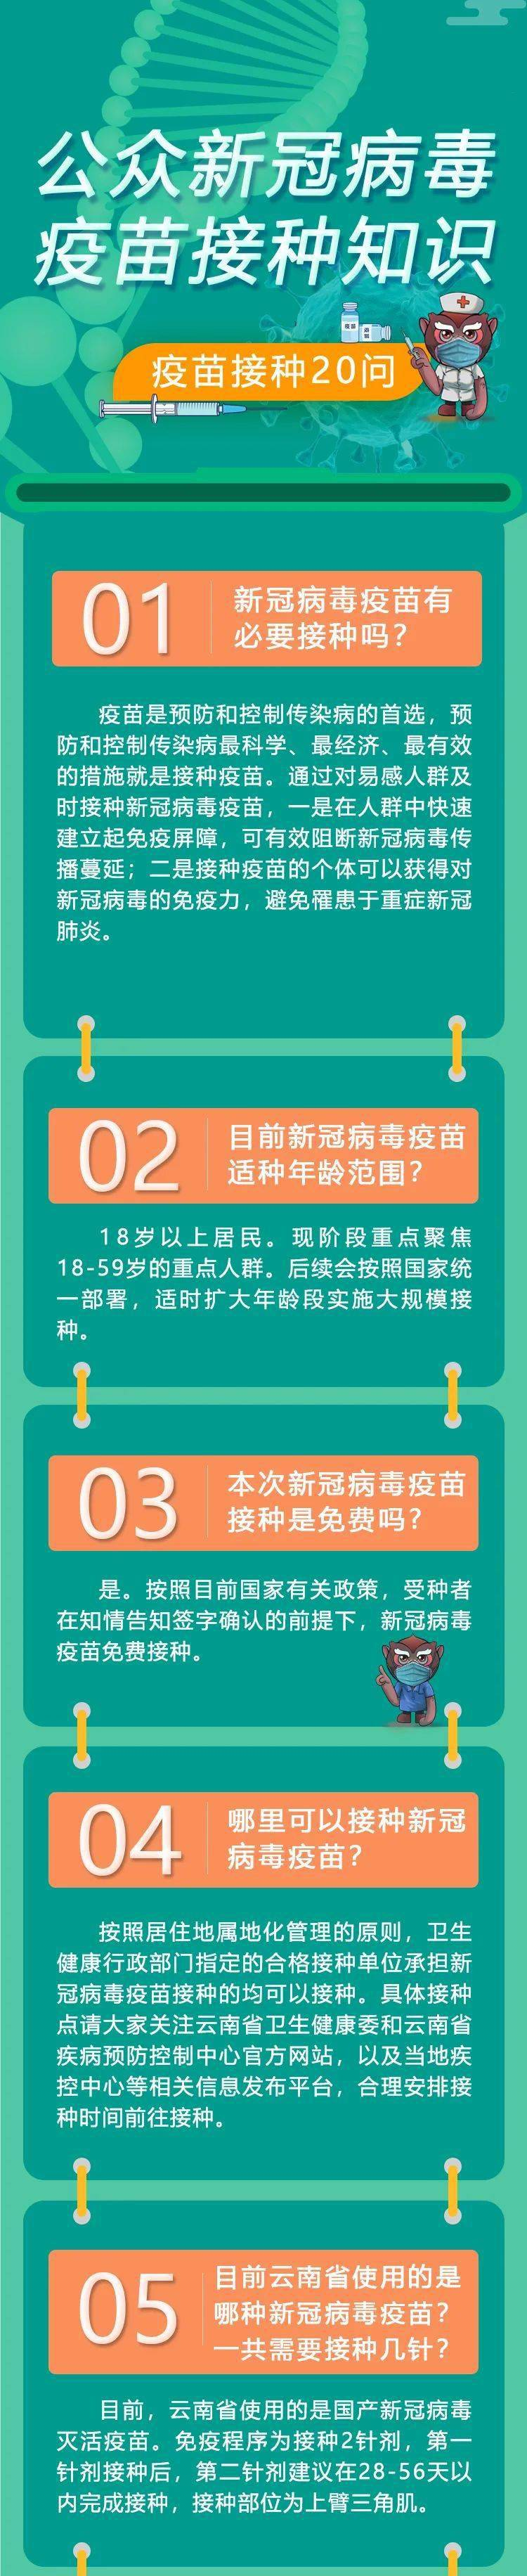 还在纠结打不打新冠疫苗?云南省疾控中心权威解答!